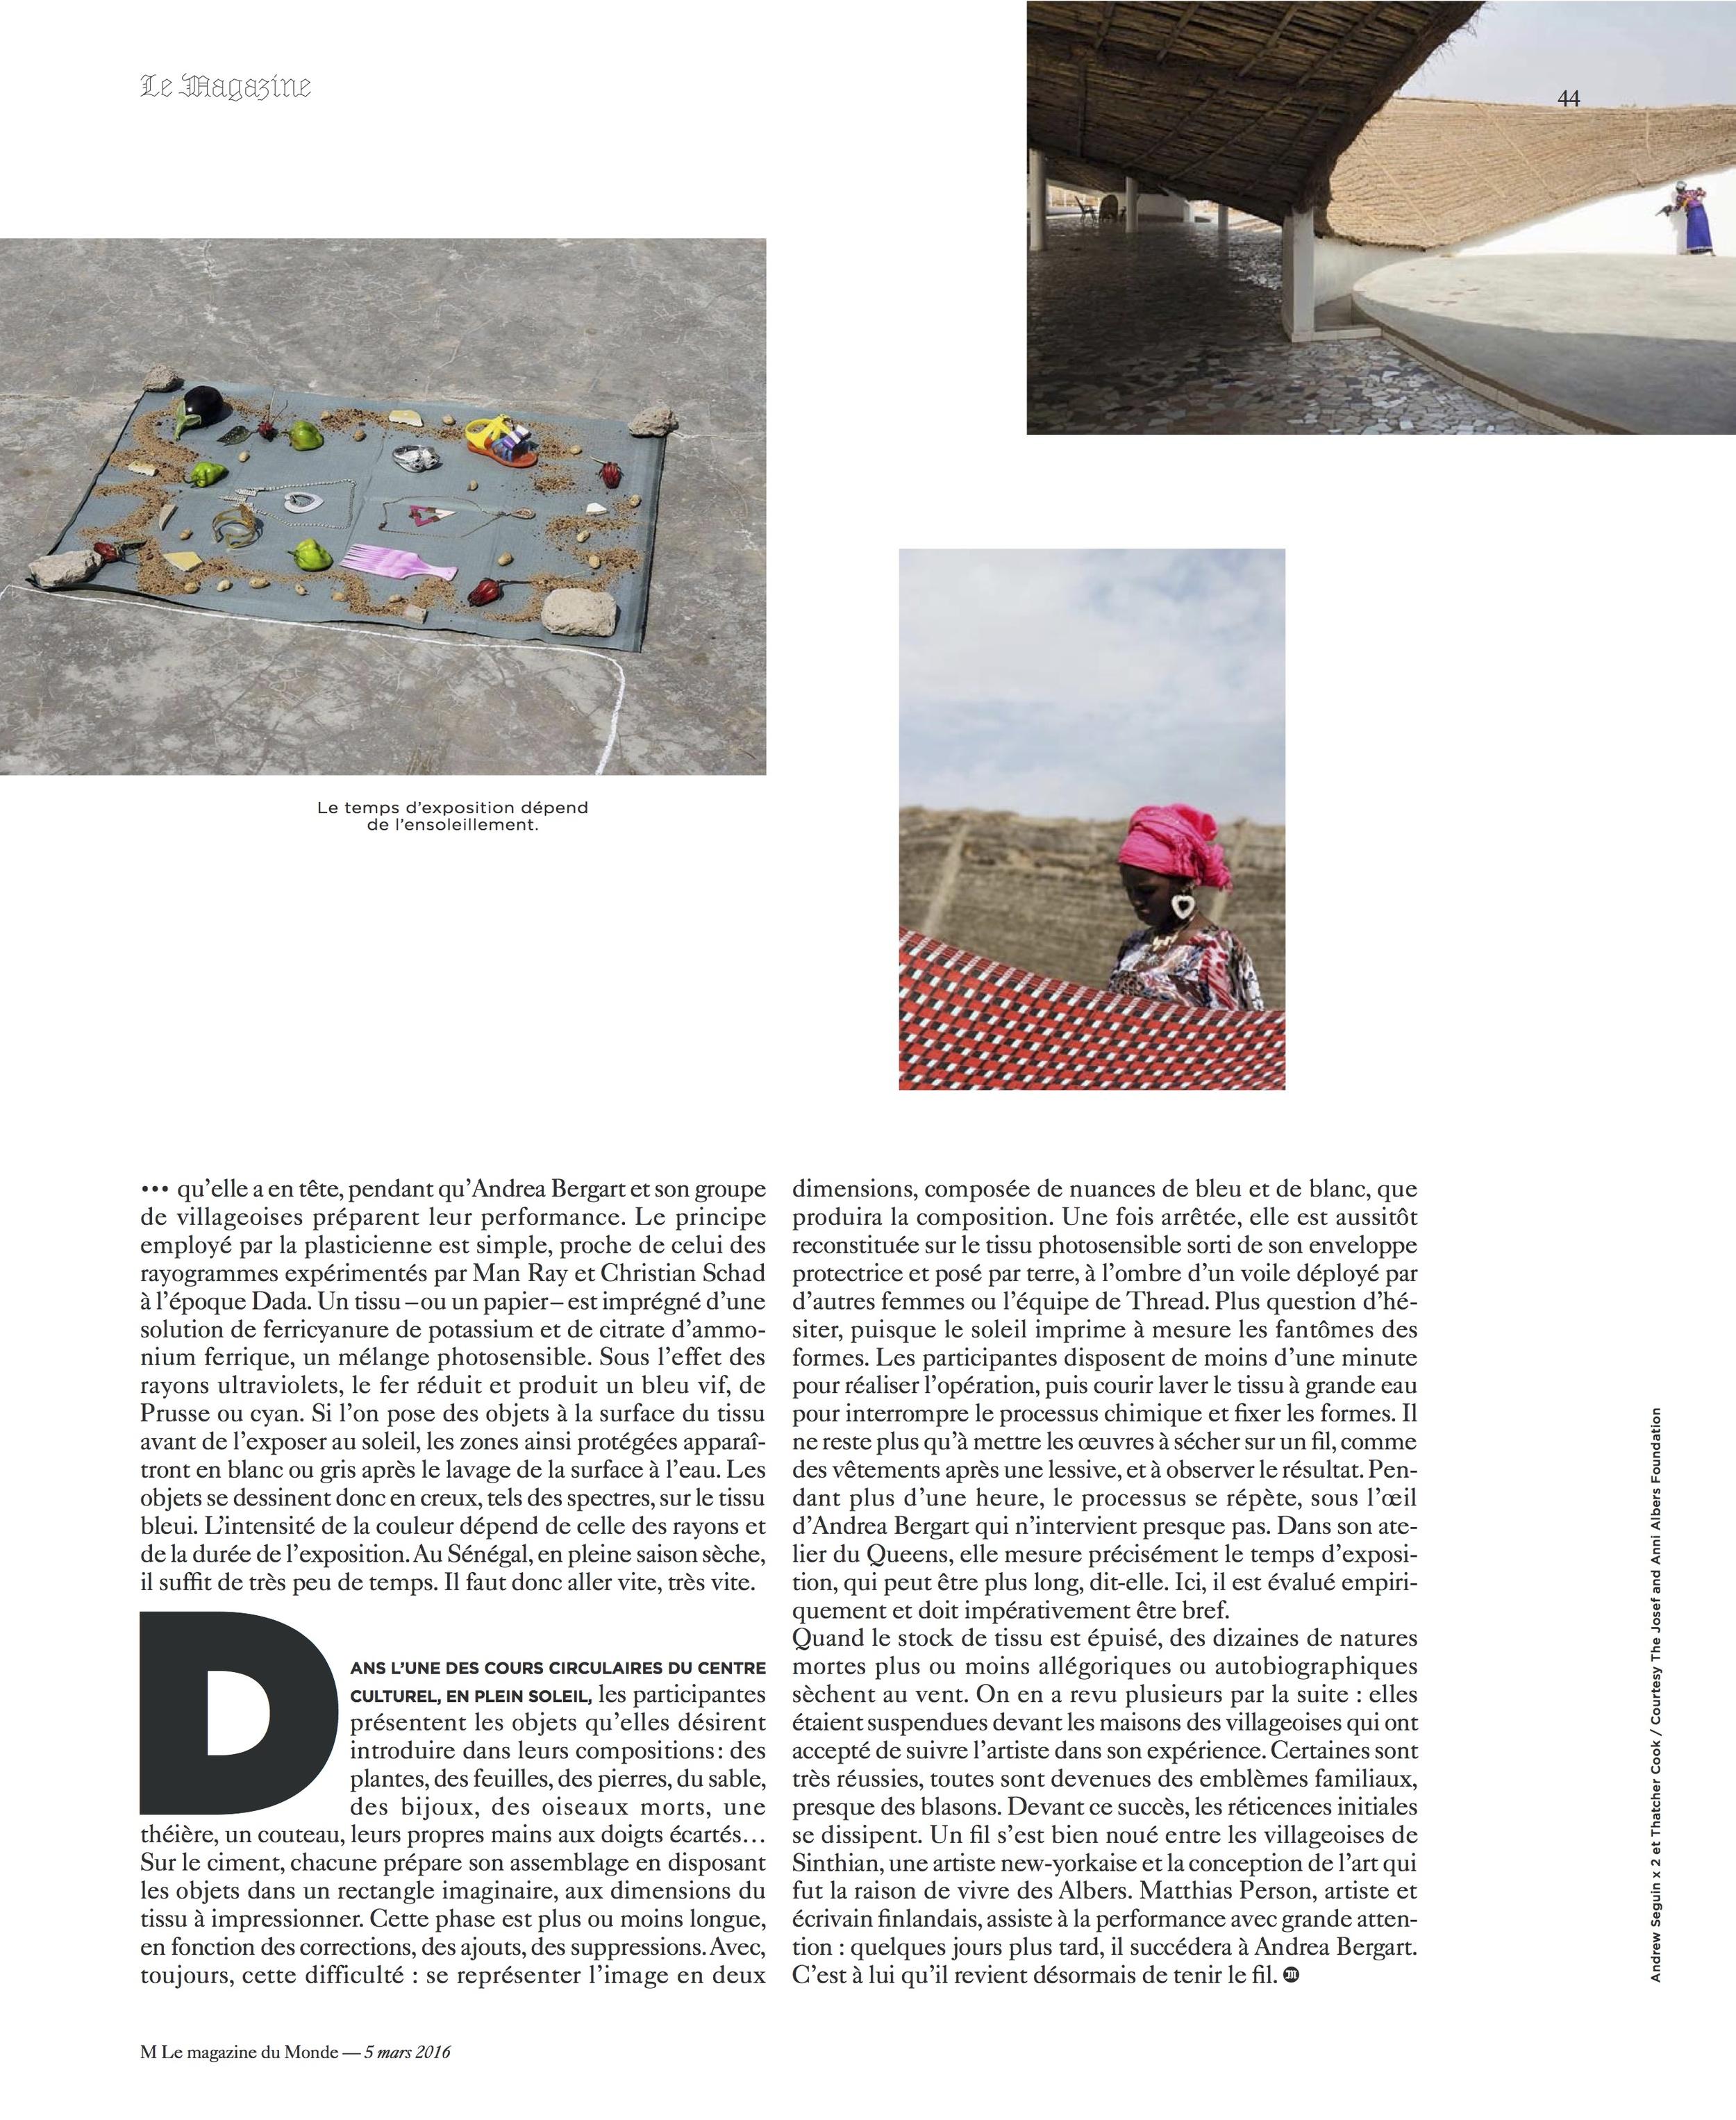 M Le Monde - Thread (4).jpg